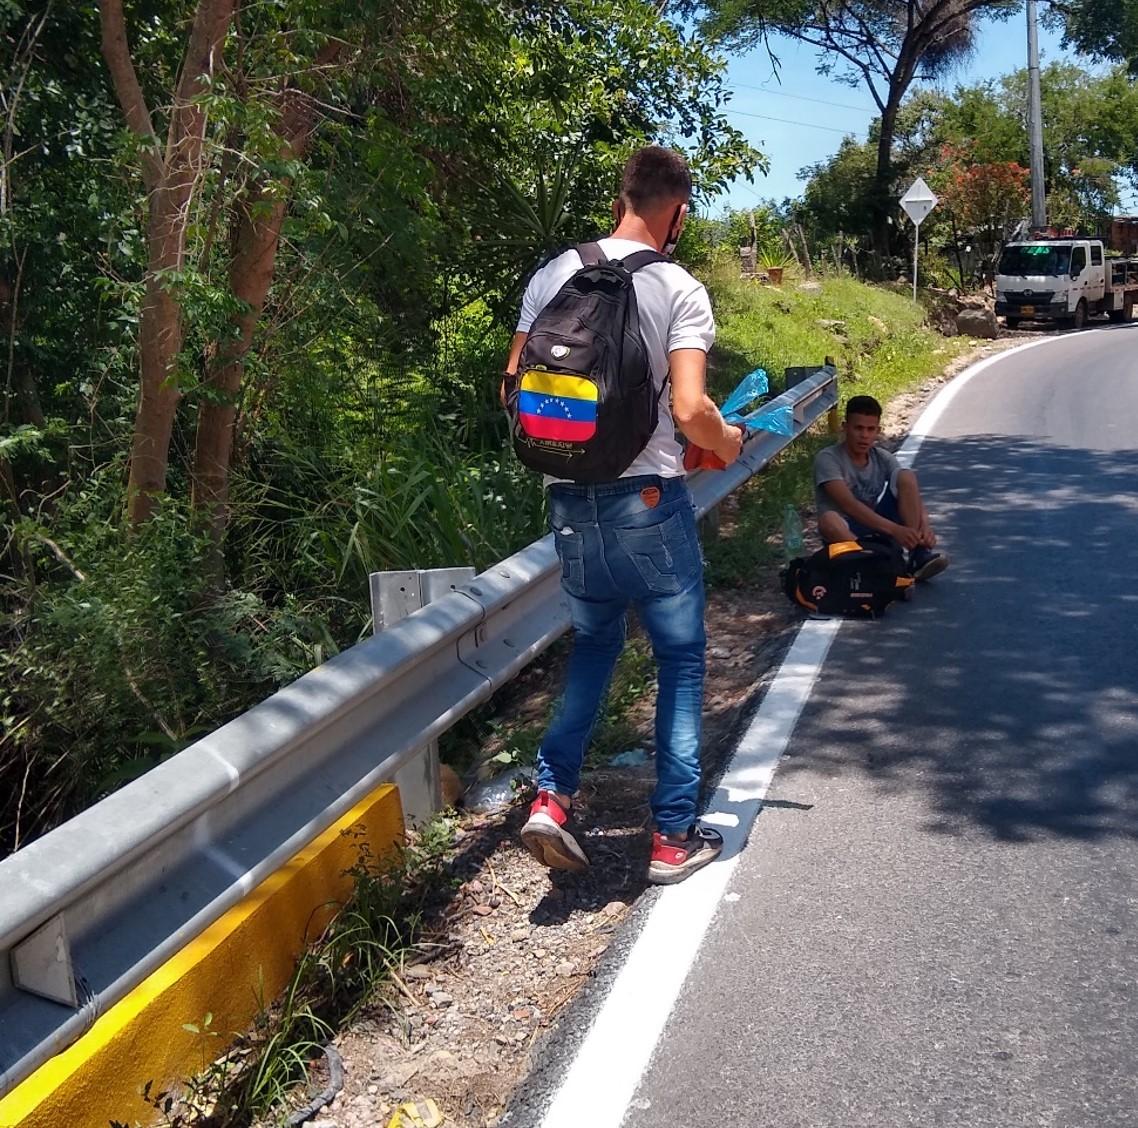 La única solución es caminar, incluso para salir de Venezuela.